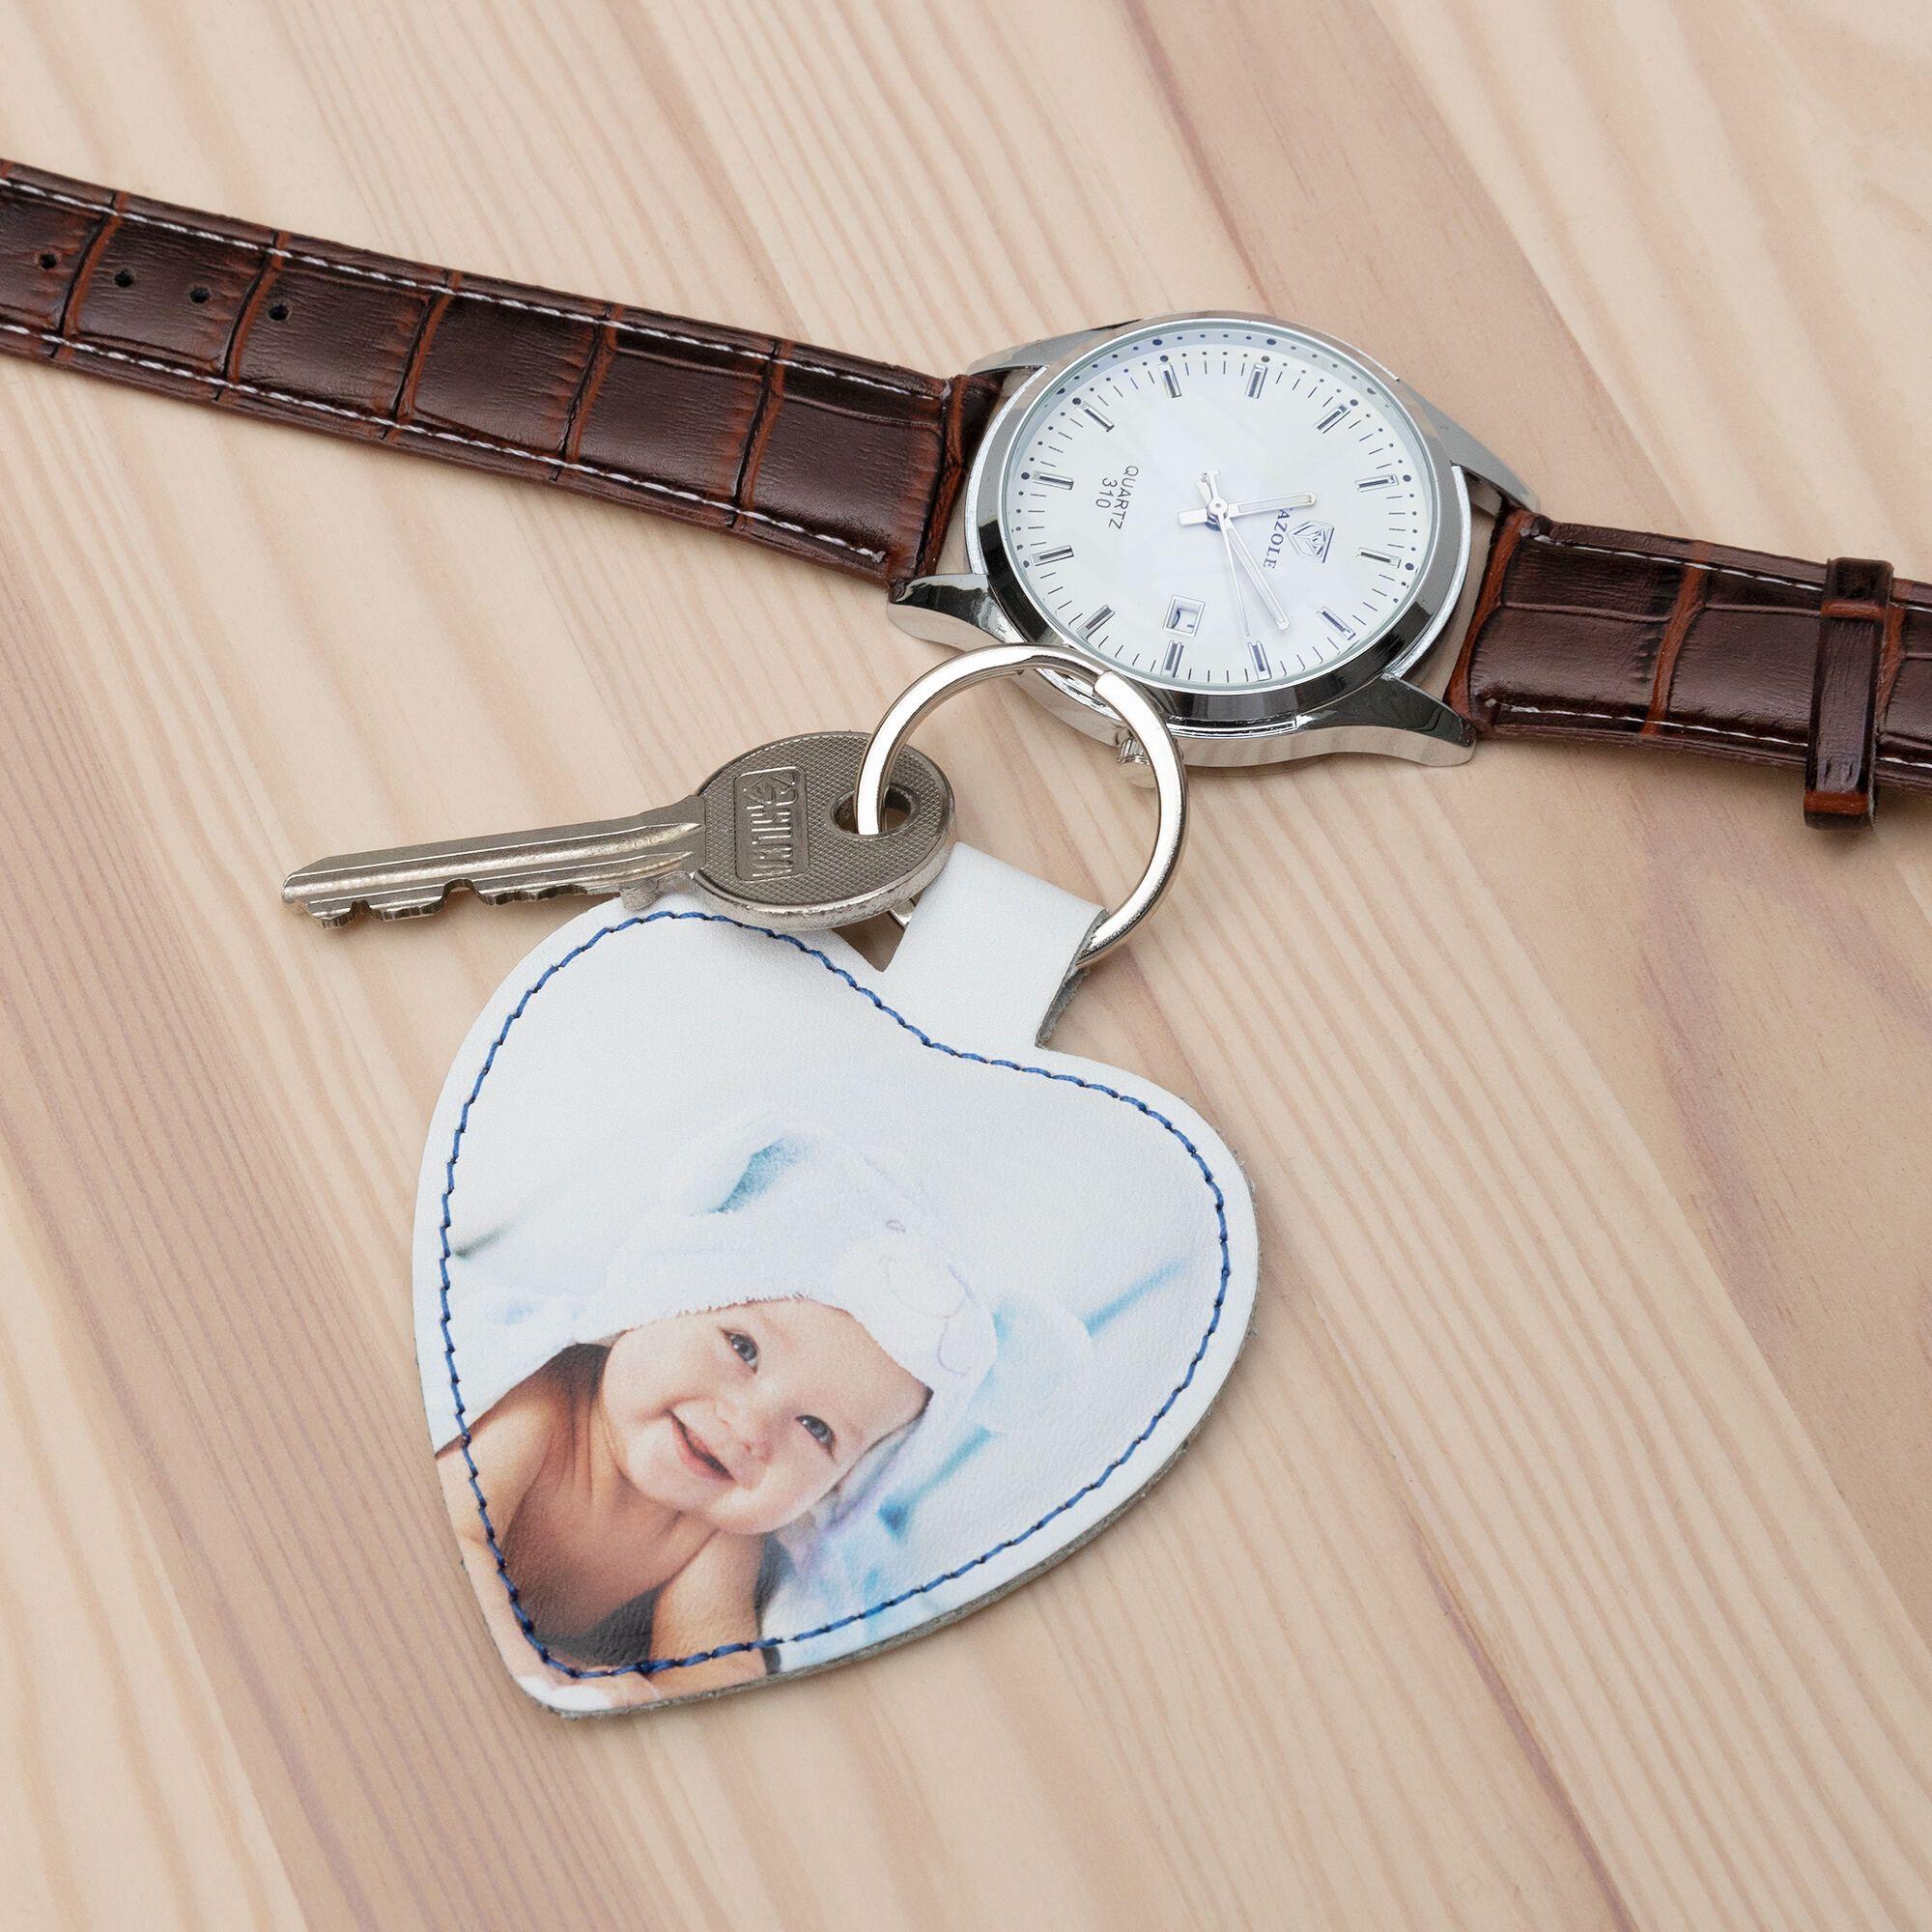 ontwerp jouw eigen sleutelhanger